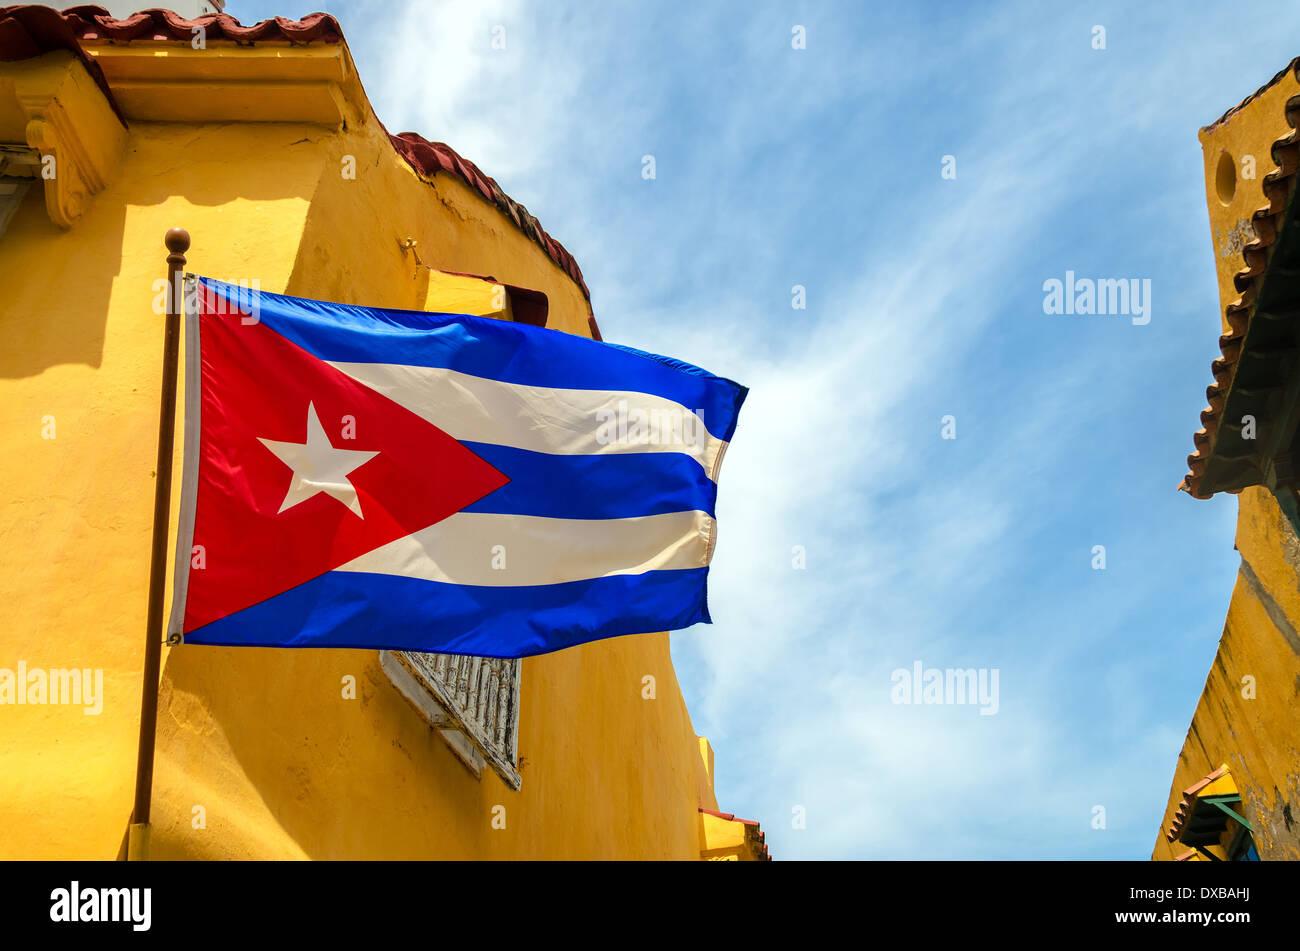 Kubanische Flagge gegen blauen Himmel und gelbe Gebäude aus der Kolonialzeit Stockbild